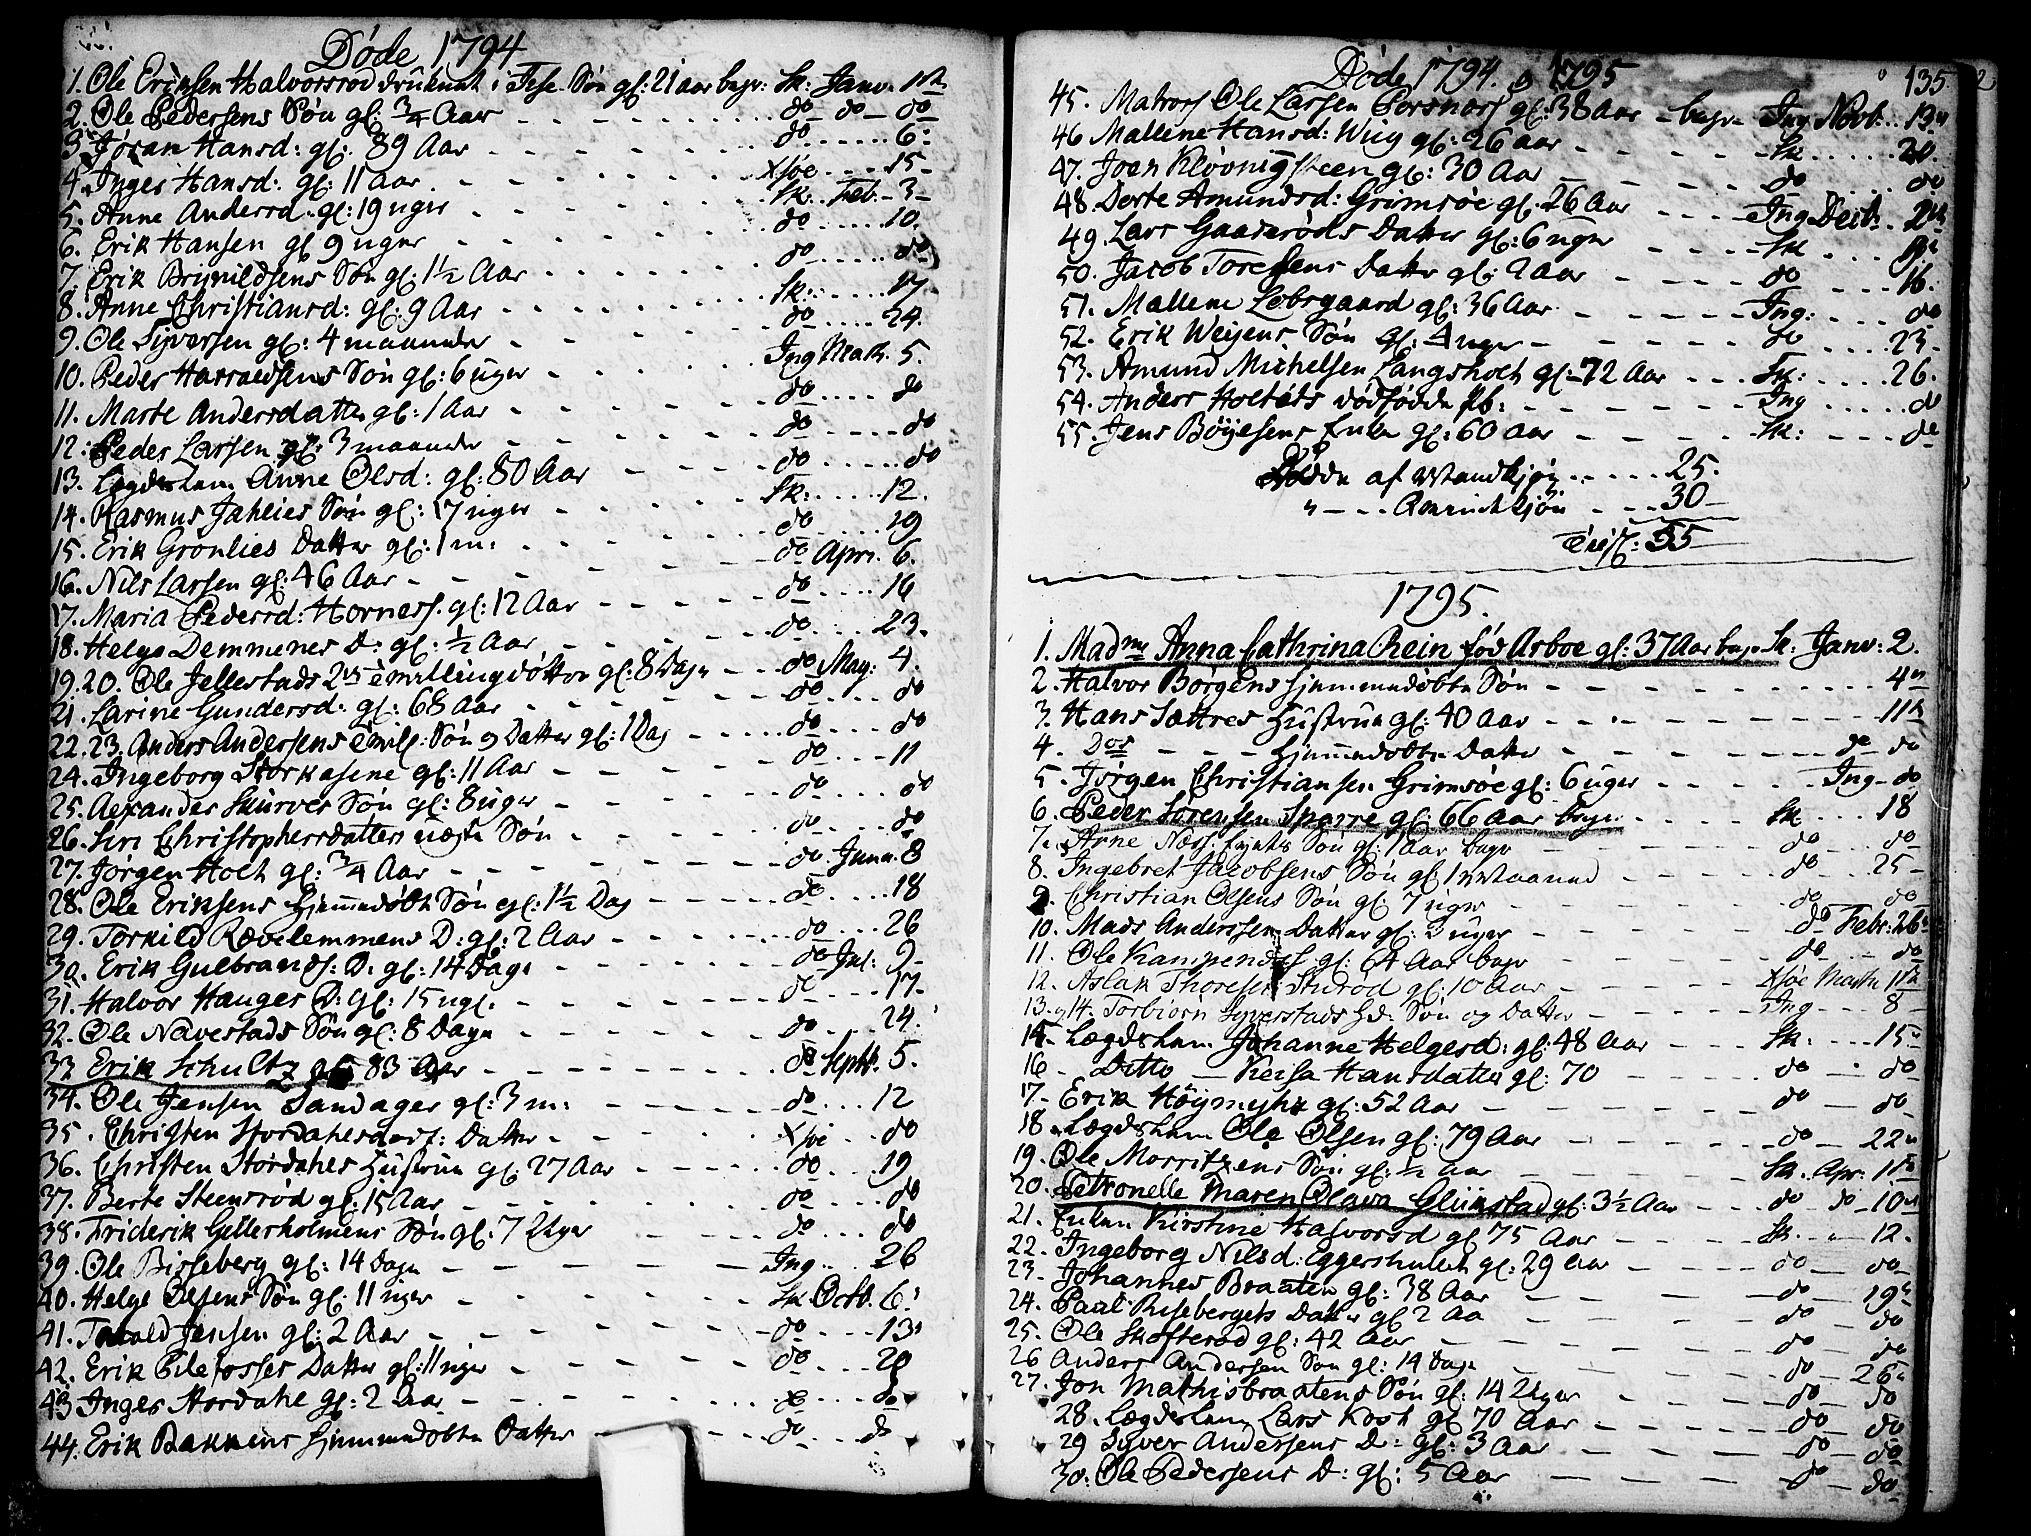 SAO, Skjeberg prestekontor Kirkebøker, F/Fa/L0003: Ministerialbok nr. I 3, 1792-1814, s. 135